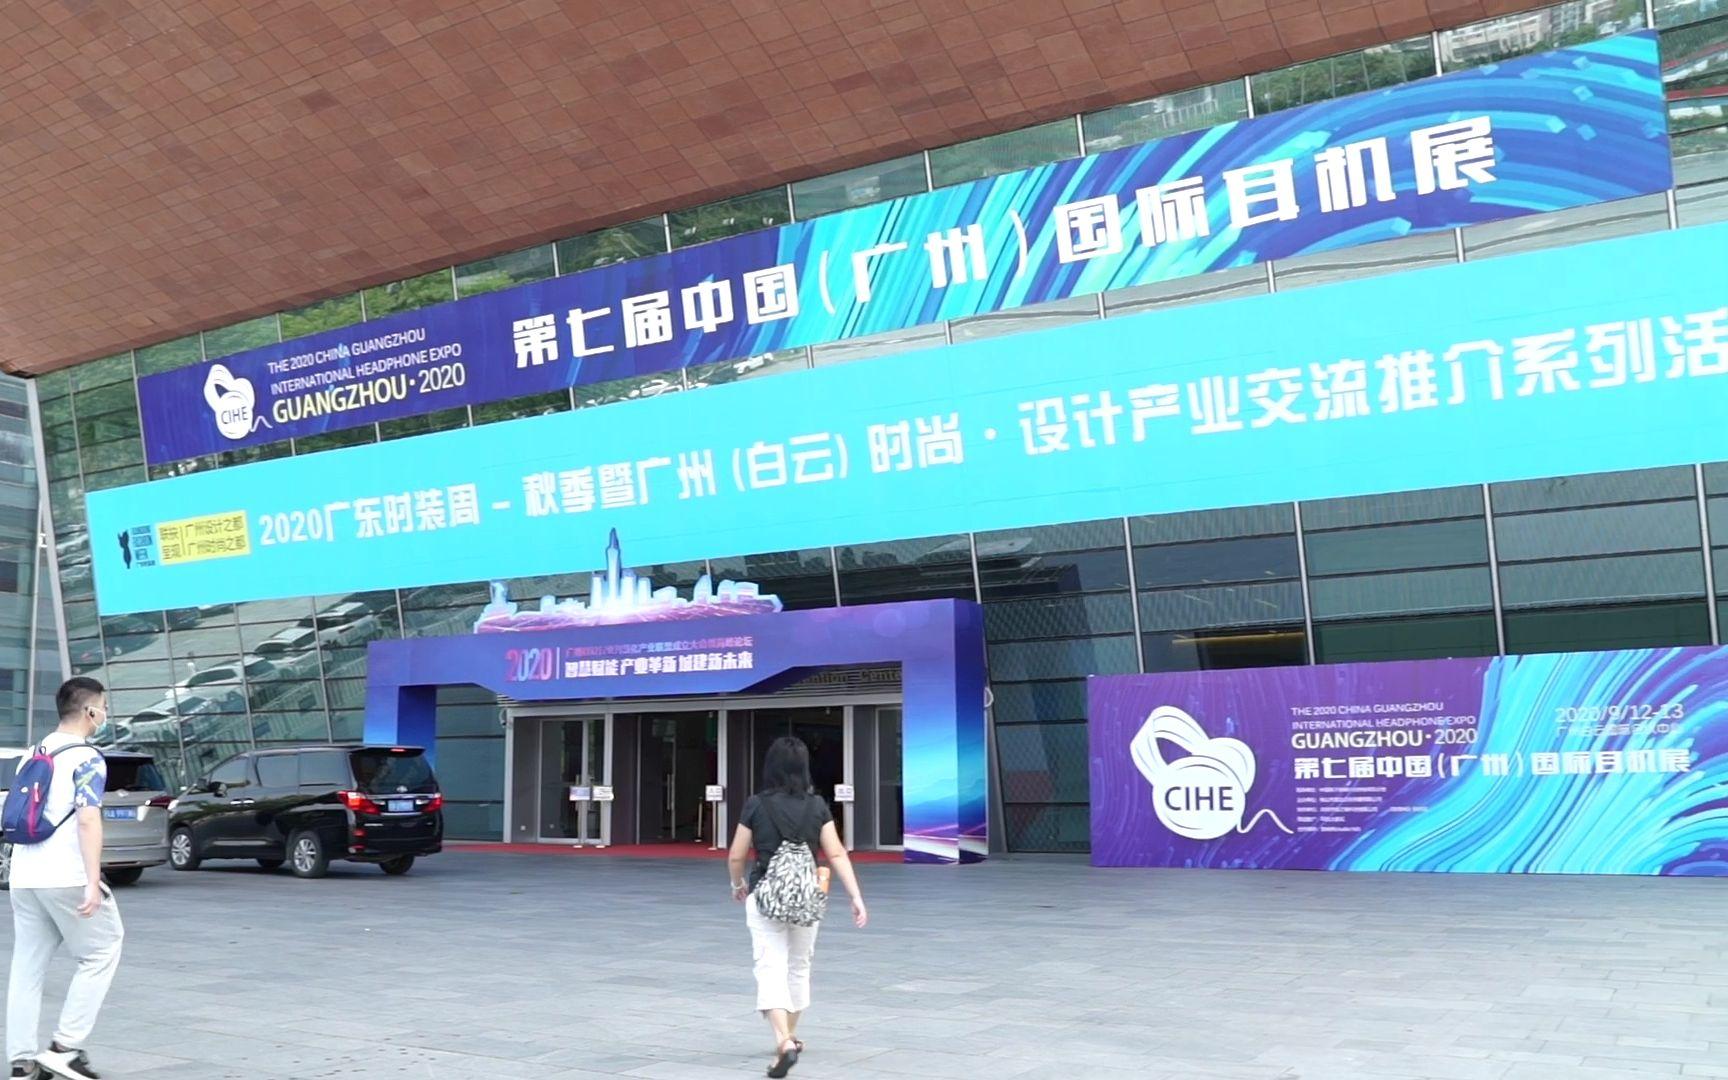 第七届中国(广州)国际耳机展 - 精彩回顾